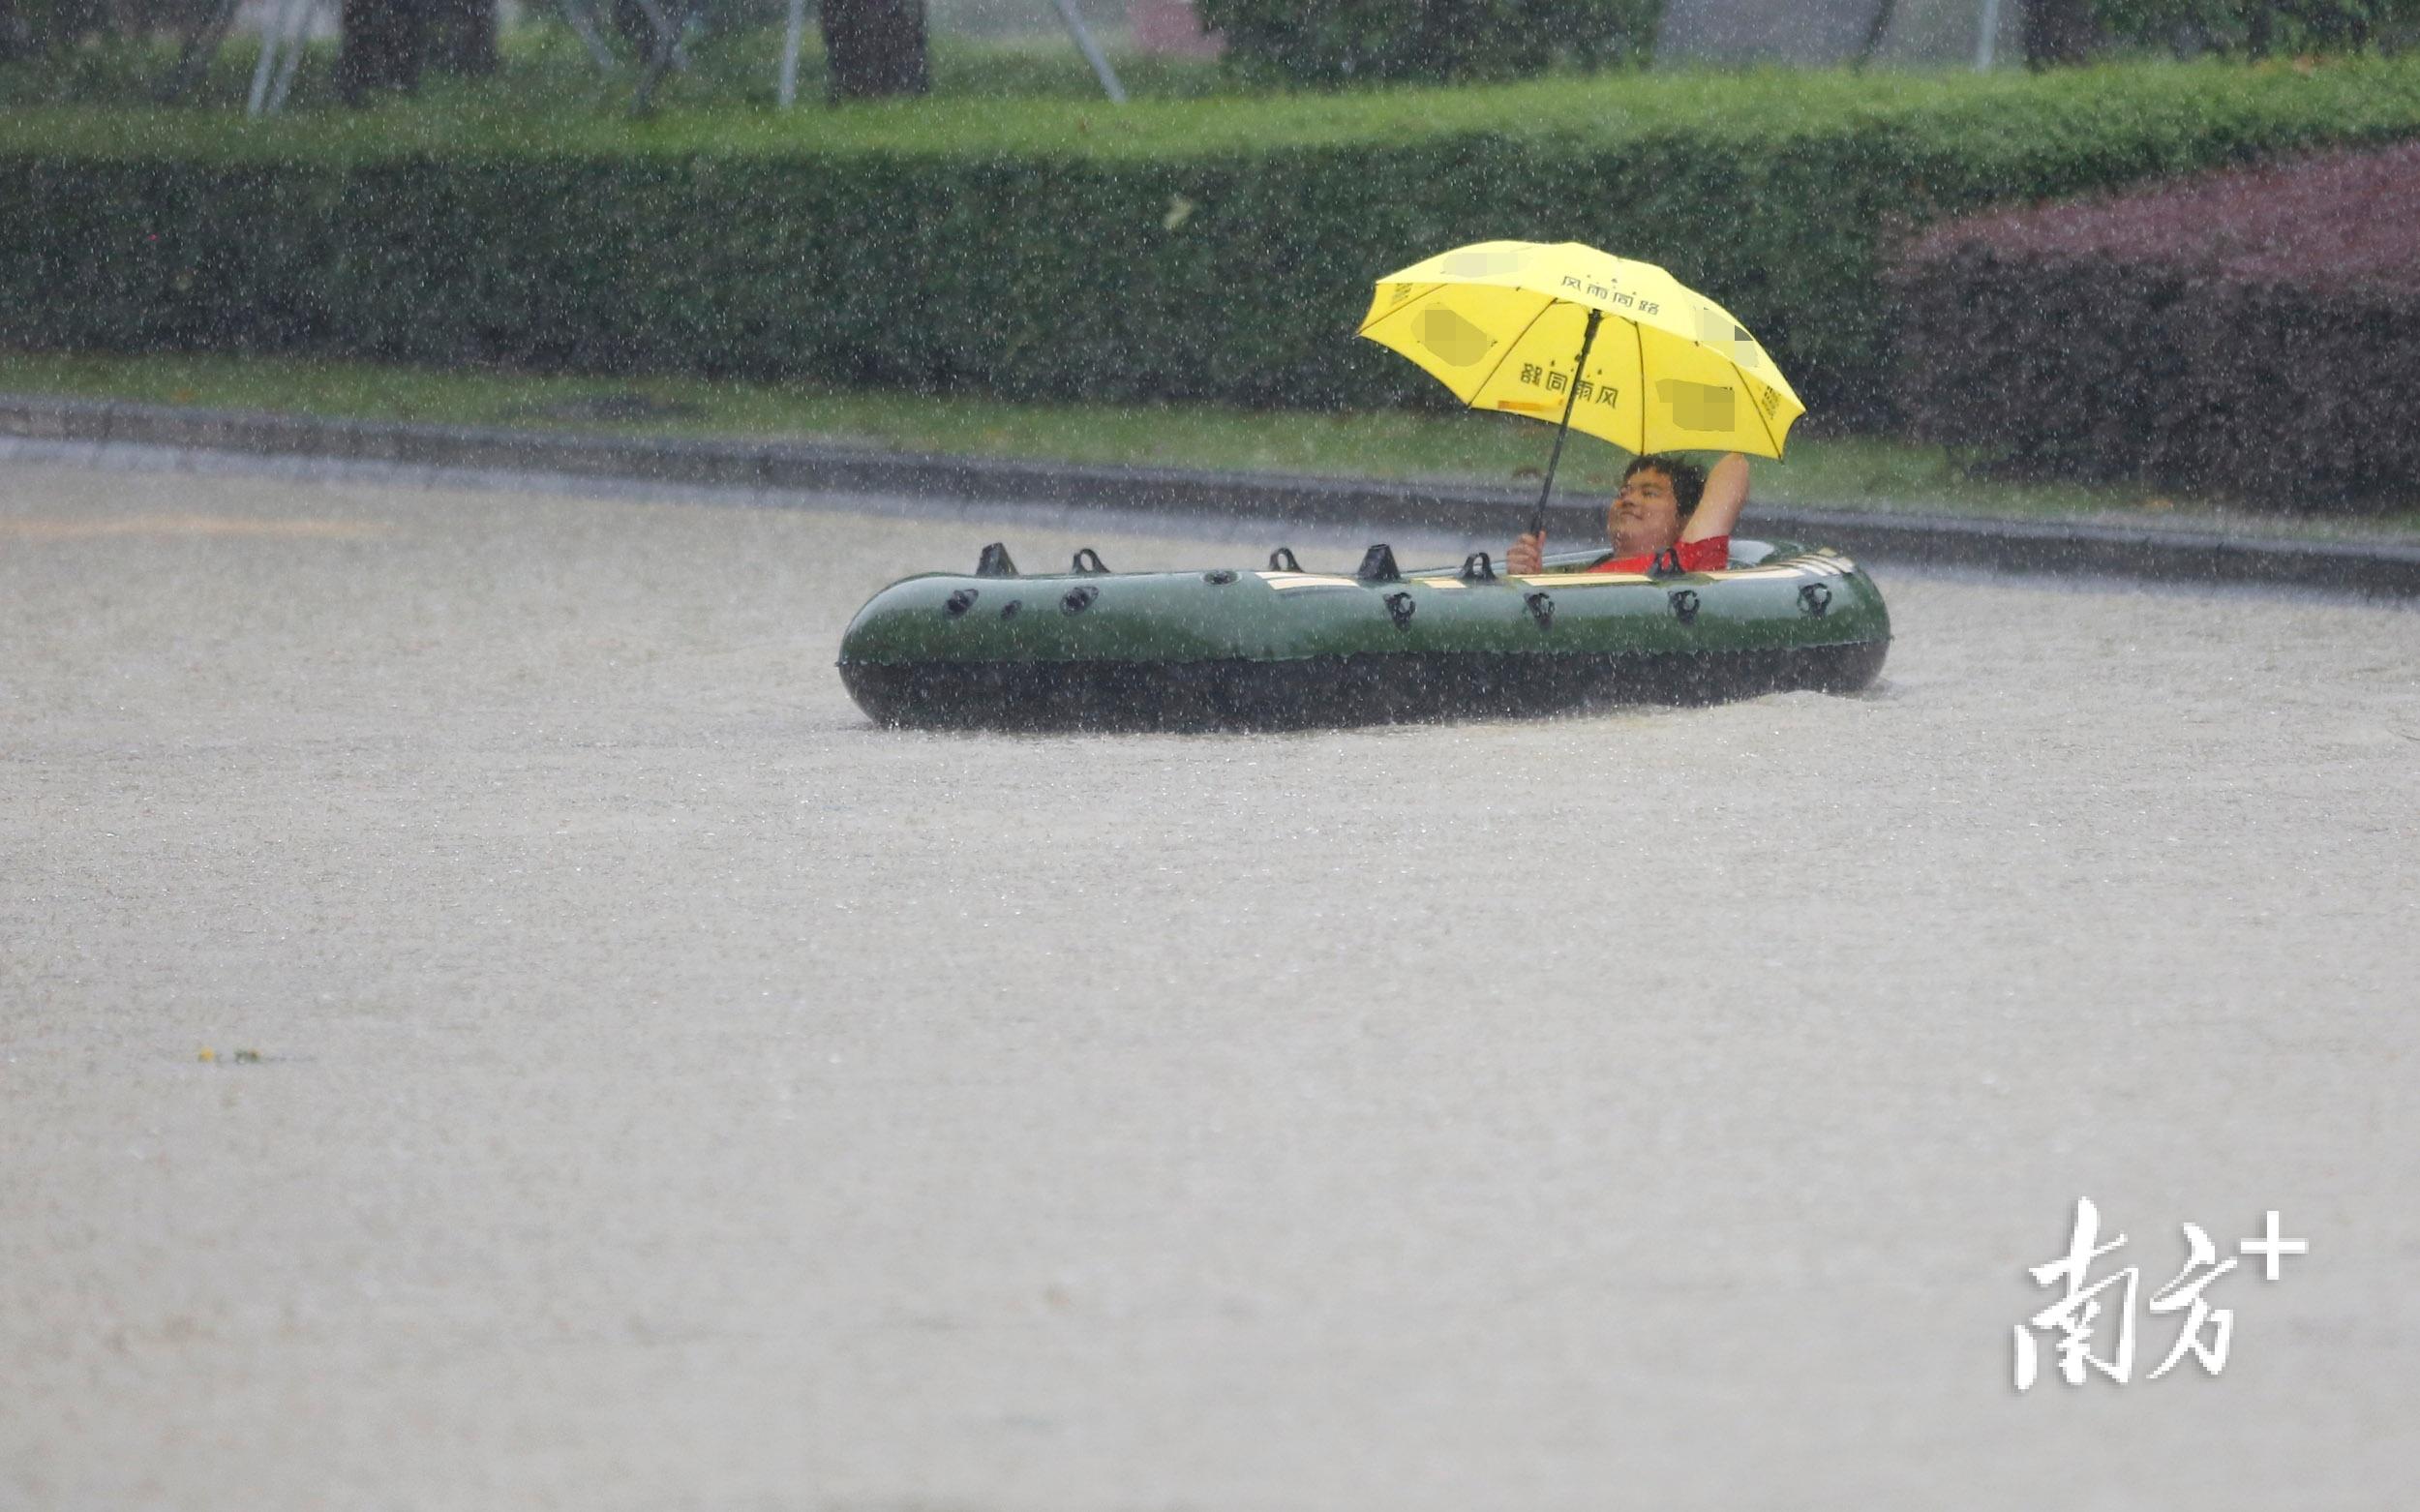 10月10日11时50分,三乡镇景观大道,过街的男子出动橡皮艇。 南方+ 叶志文 摄